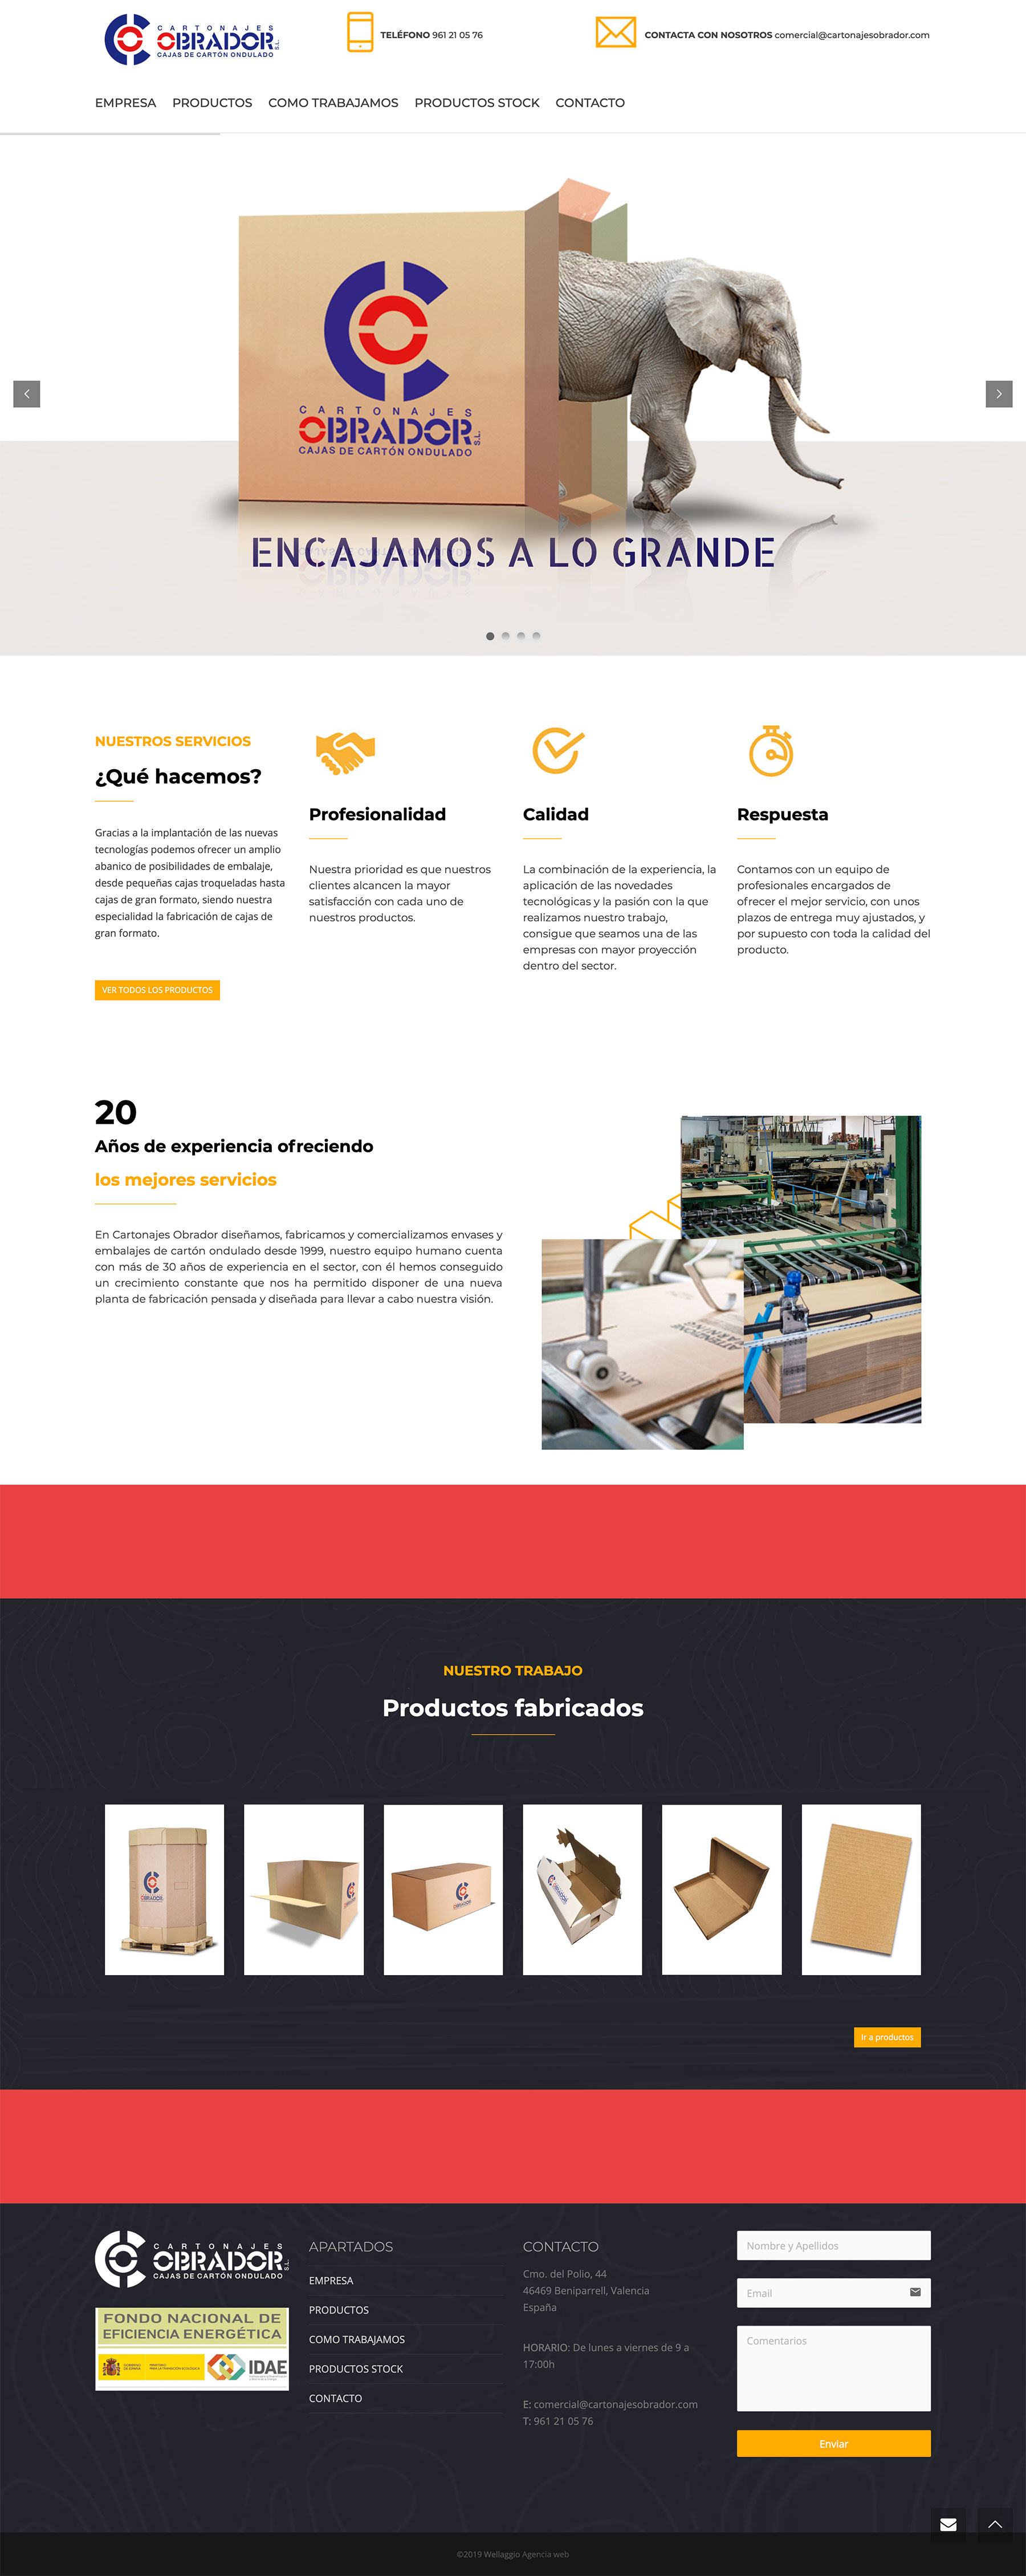 pagina-web-cartonajes-obrador.-Wellaggio-diseño-web-valencia